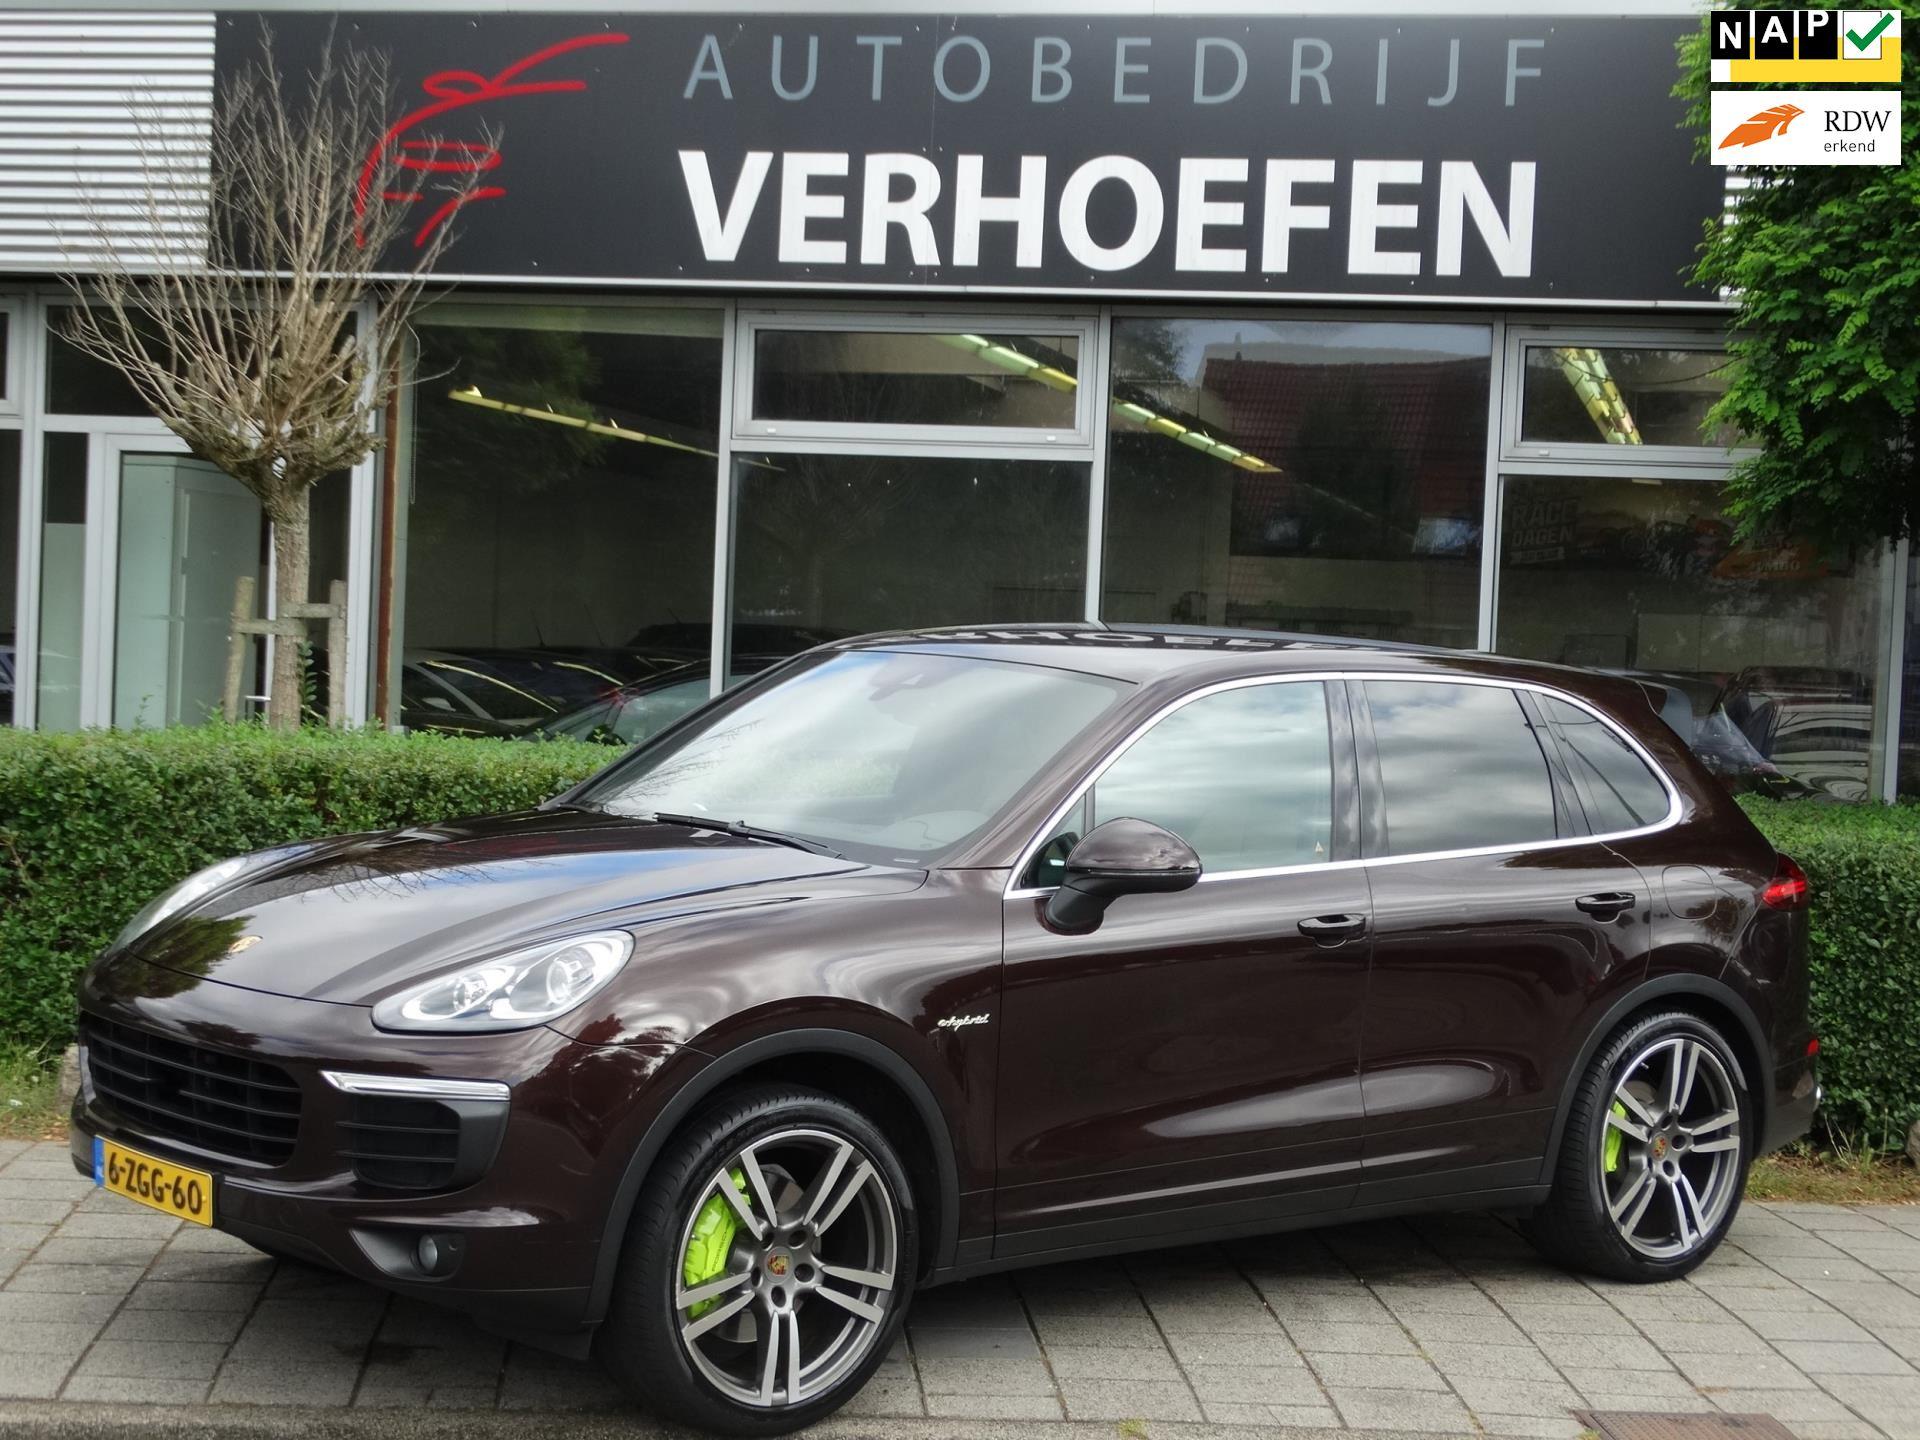 Porsche Cayenne occasion - Autobedrijf Verhoefen